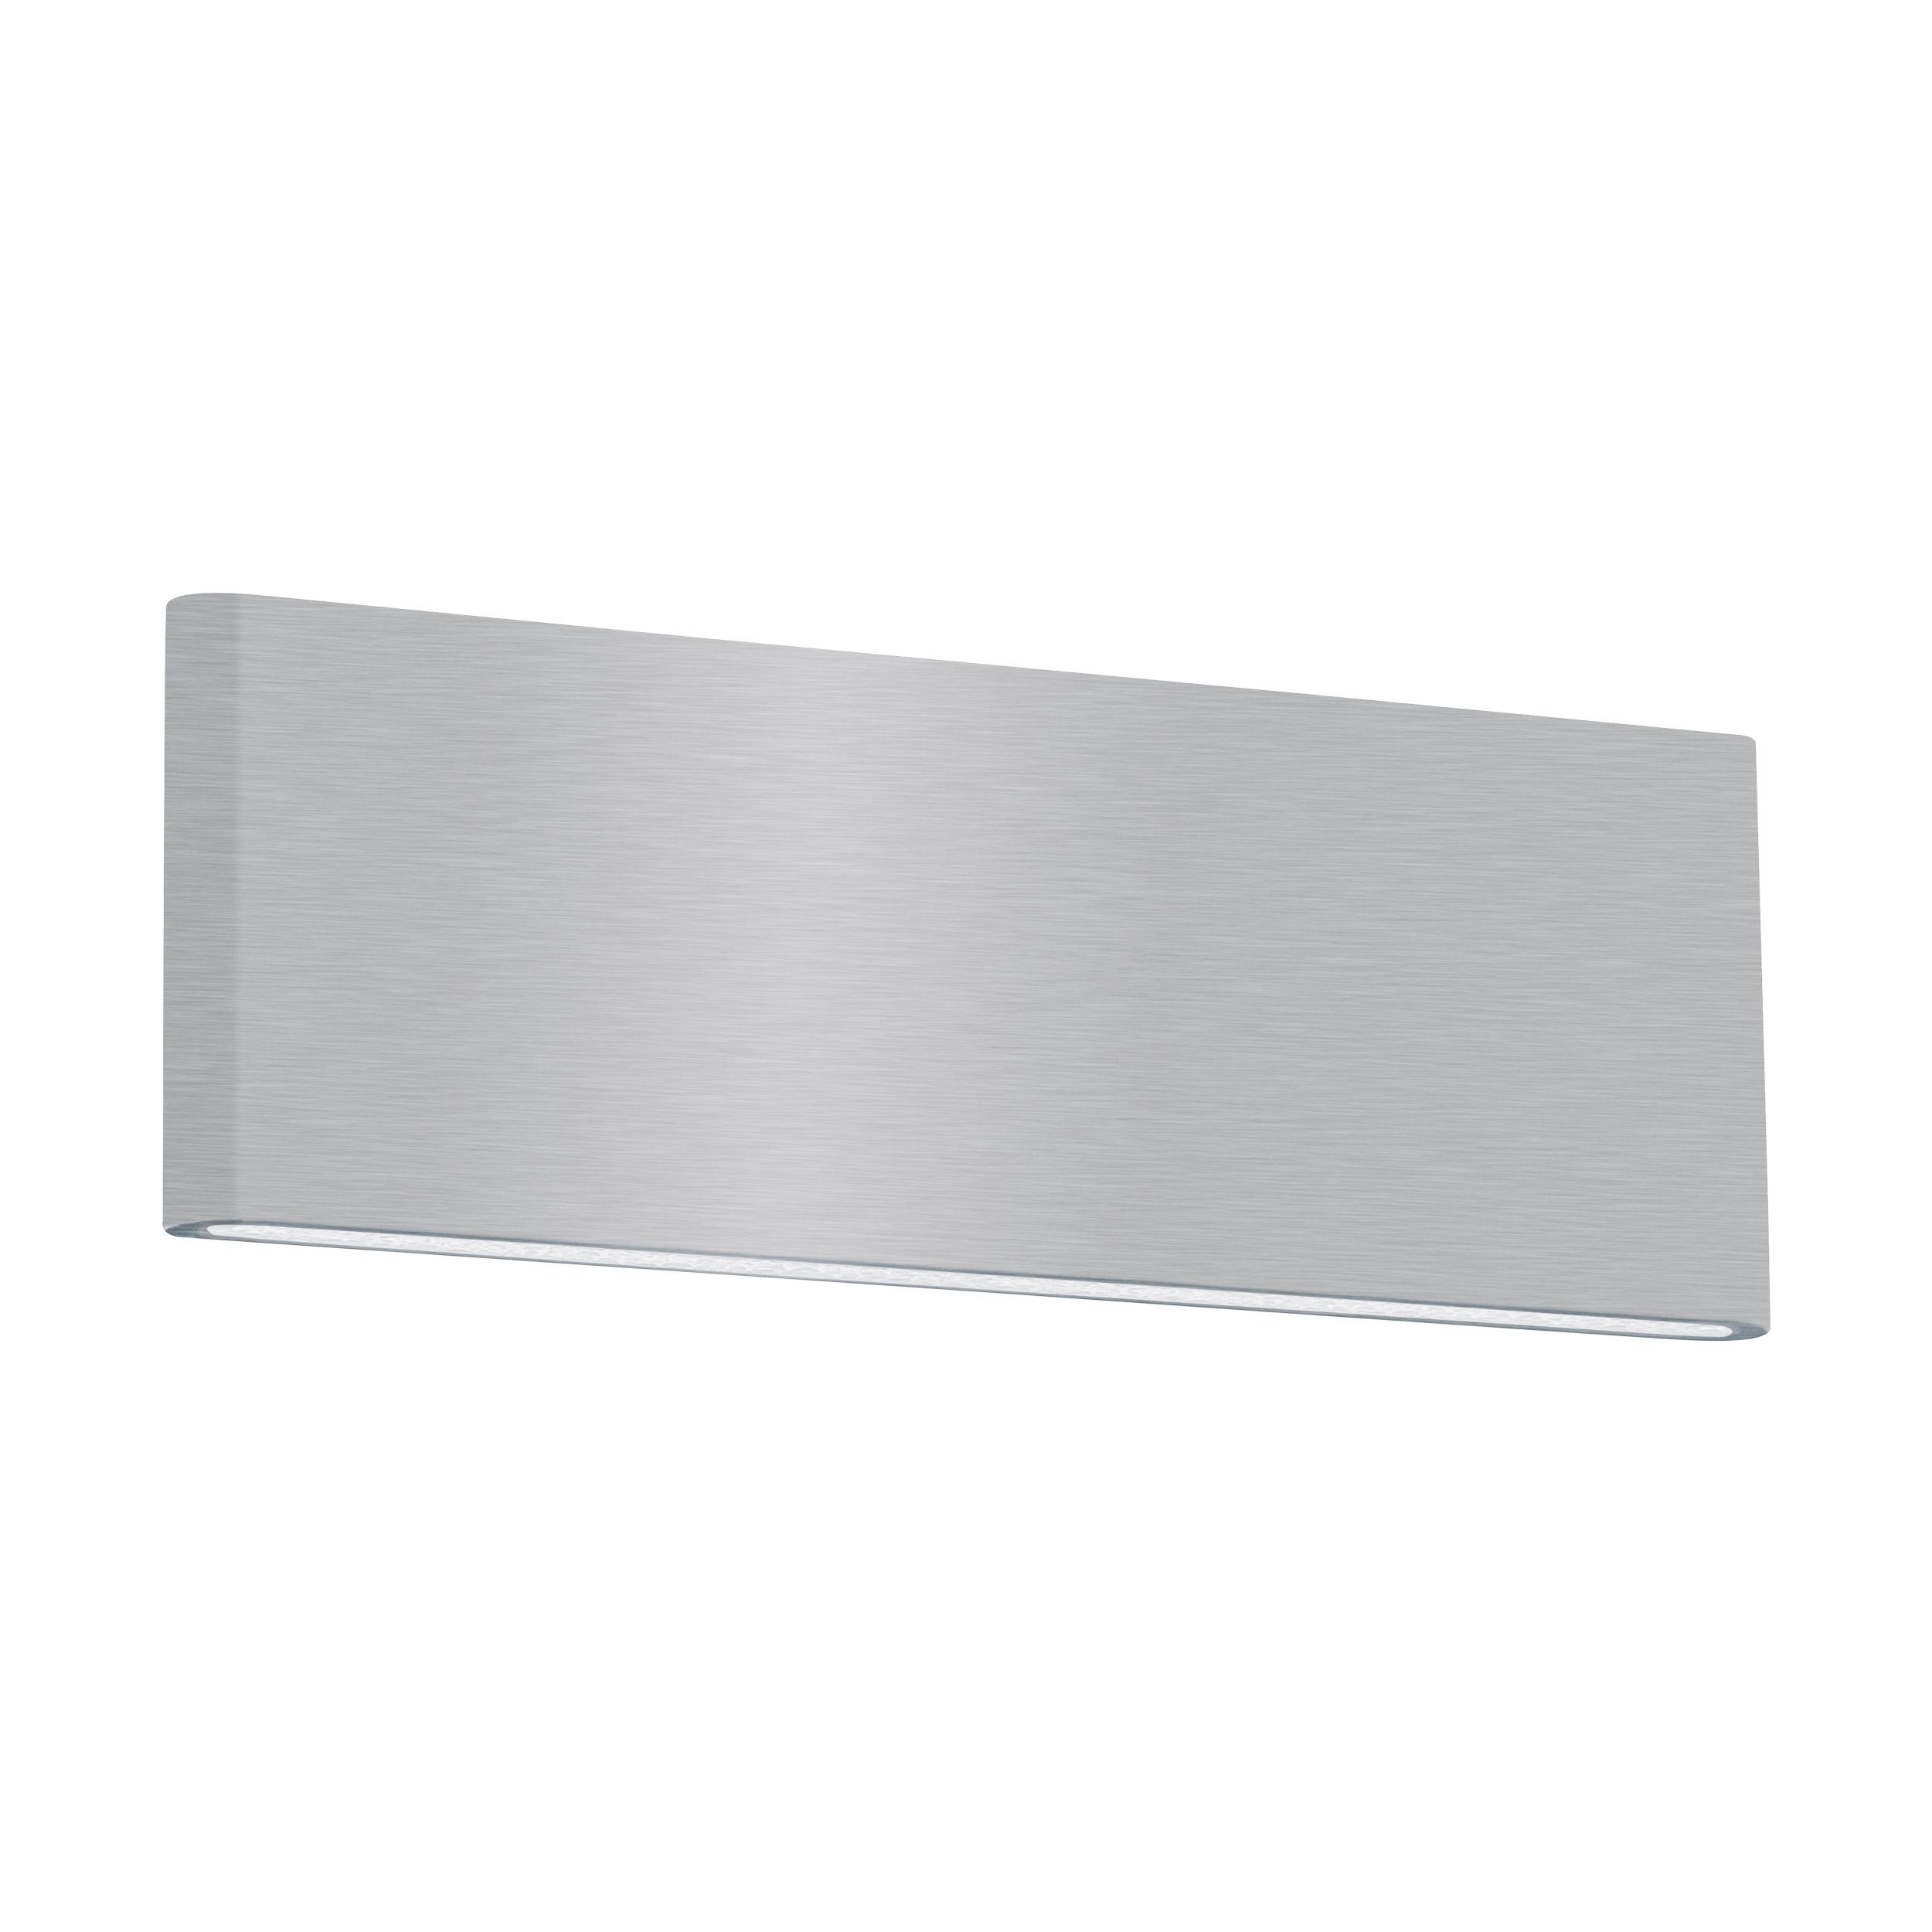 1 Stk Climene Pro D/I 2x8,4W 3000K Aluminium gebürstet IP20 LI64026---